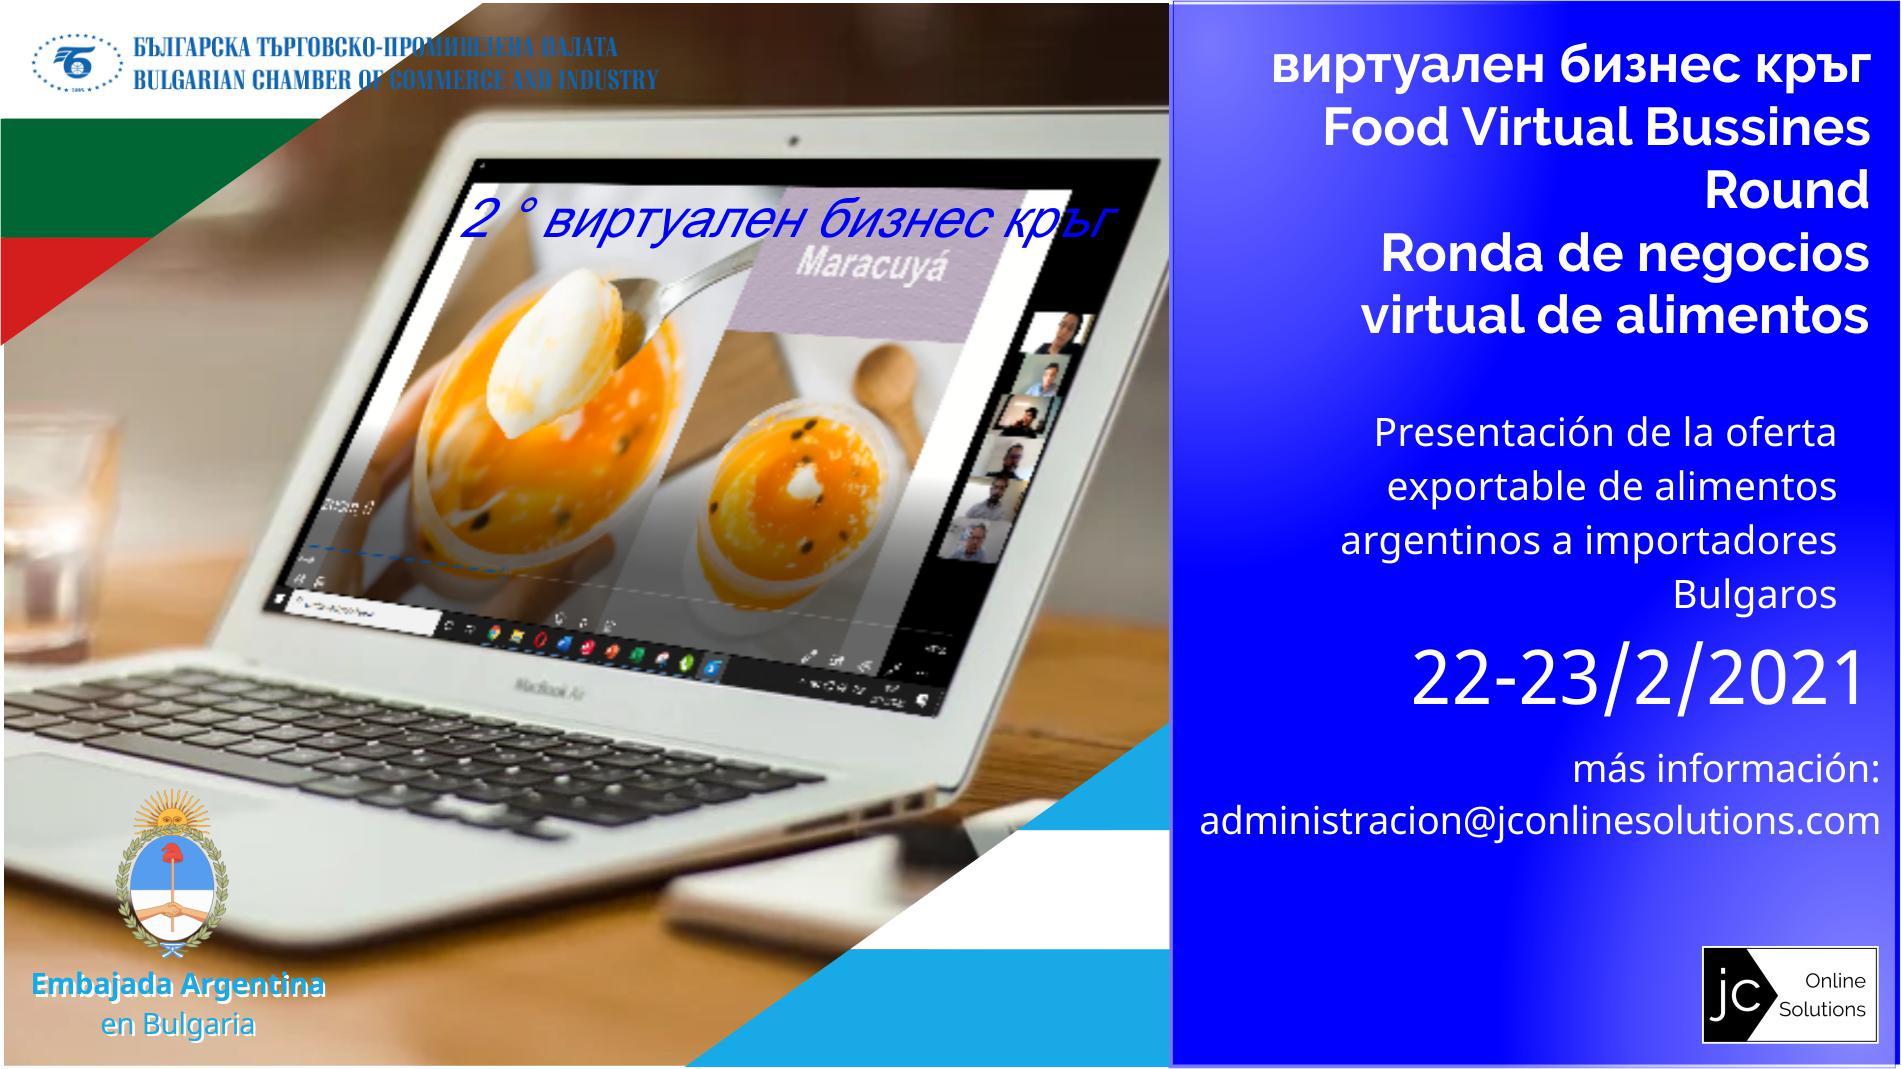 Ronda de negocios de alimentos con Bulgaria